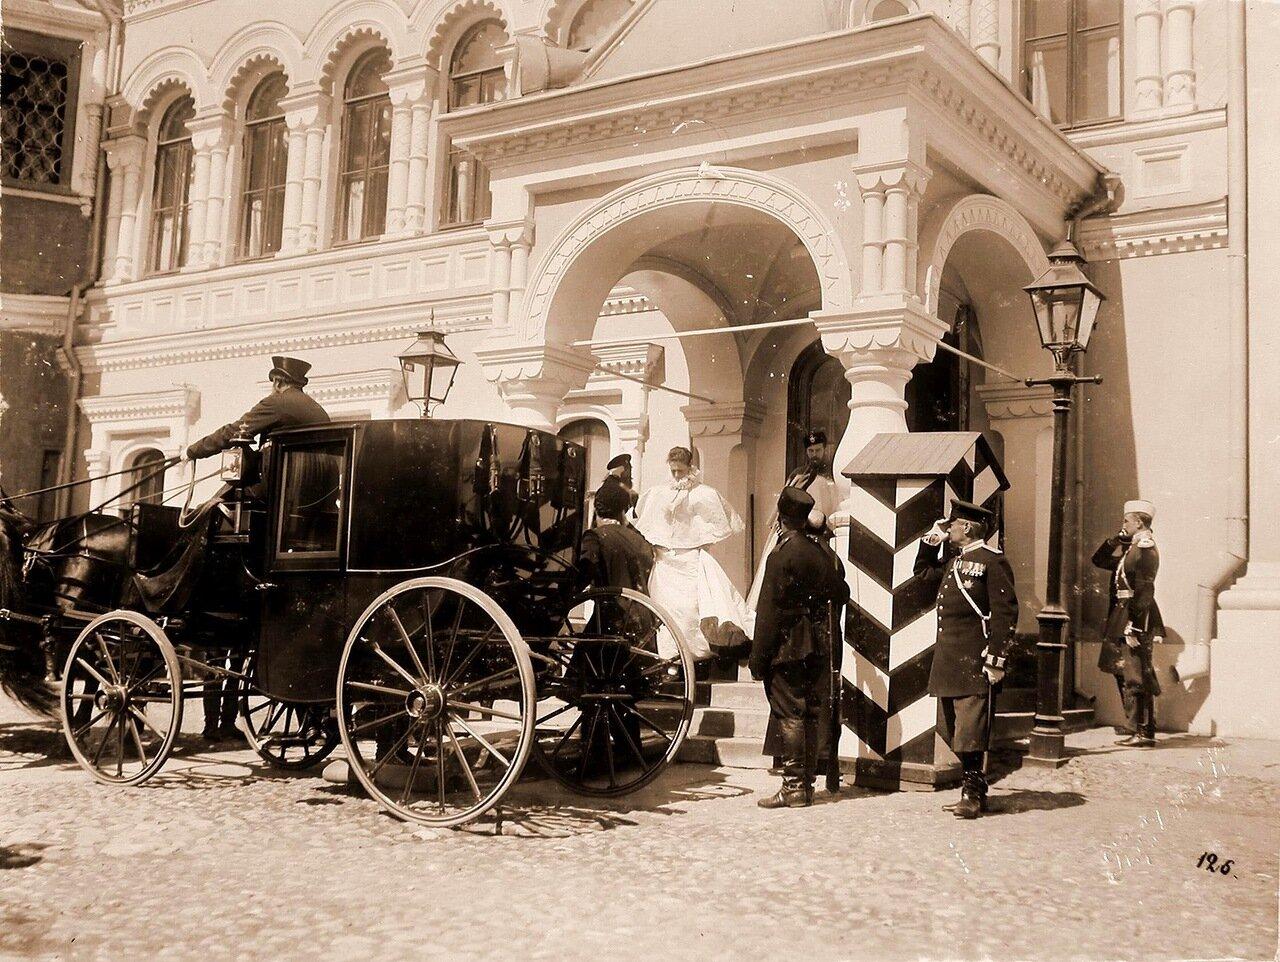 Императрица Александра Фёдоровна, император Николай II (за ней) направляются к карете из палат Чудова монастыря в Кремле в дни коронационных торжеств